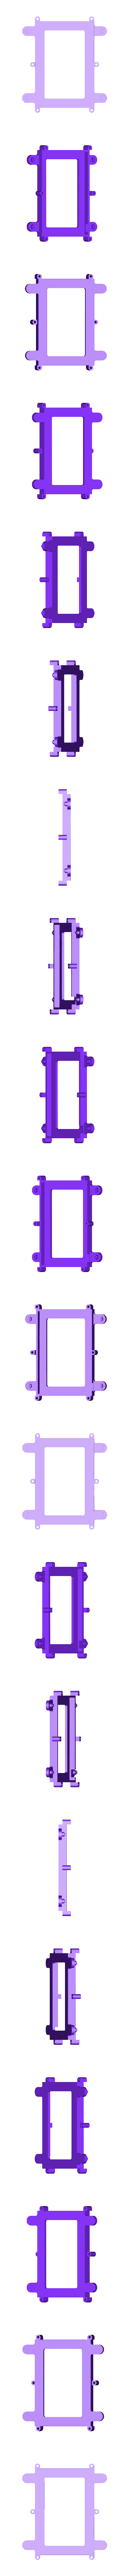 body_d_L_Screws.stl Télécharger fichier STL gratuit Robot Spider Bug (robot quadrupède, quadrupède)-MG90 • Design pour impression 3D, kasinatorhh